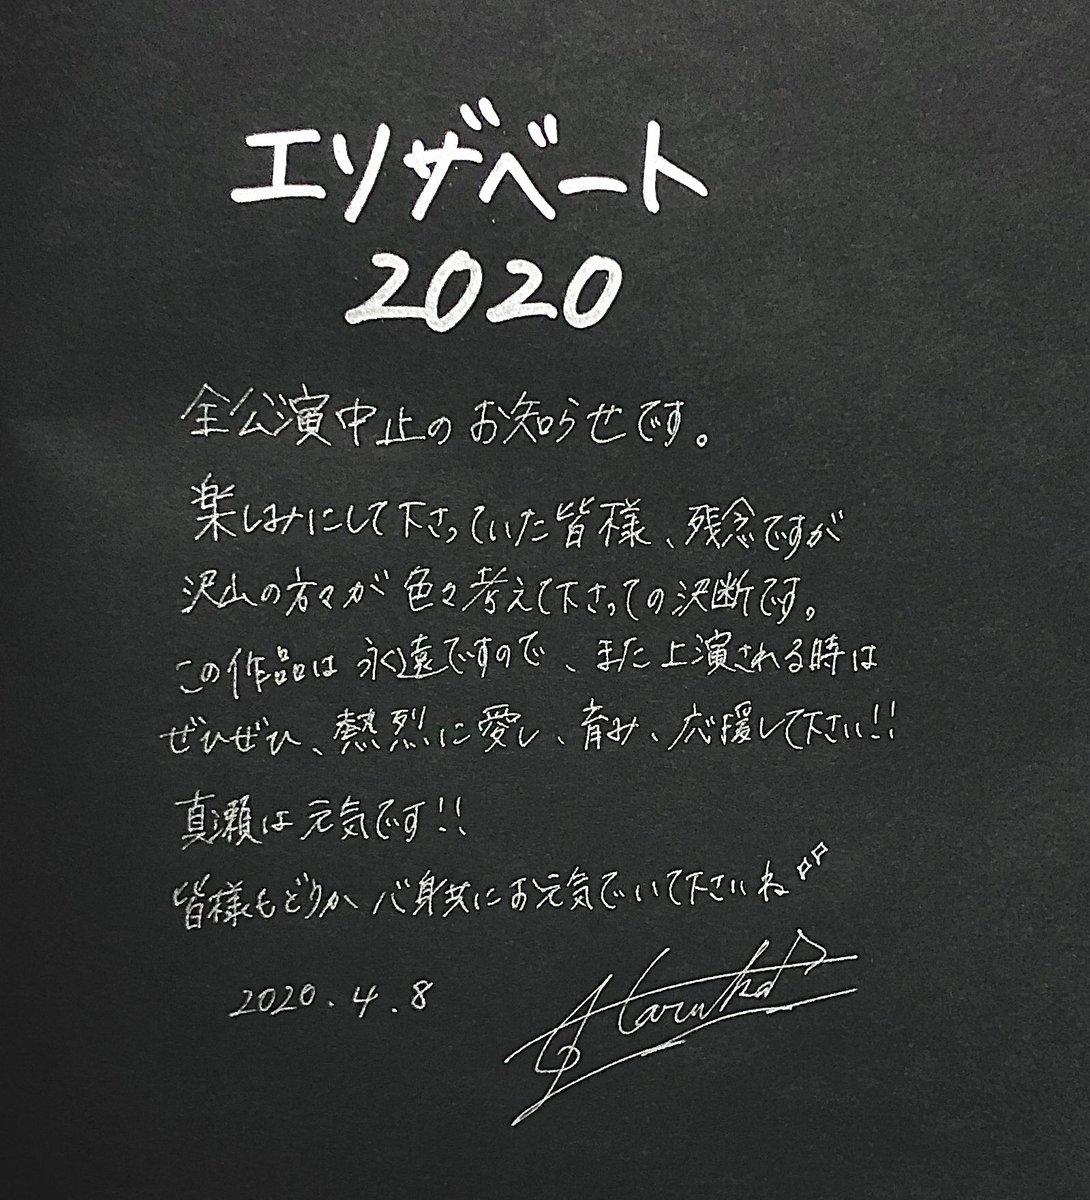 チケット エリザベート 2020 エリザベート2020待望のキャストスケジュール発表